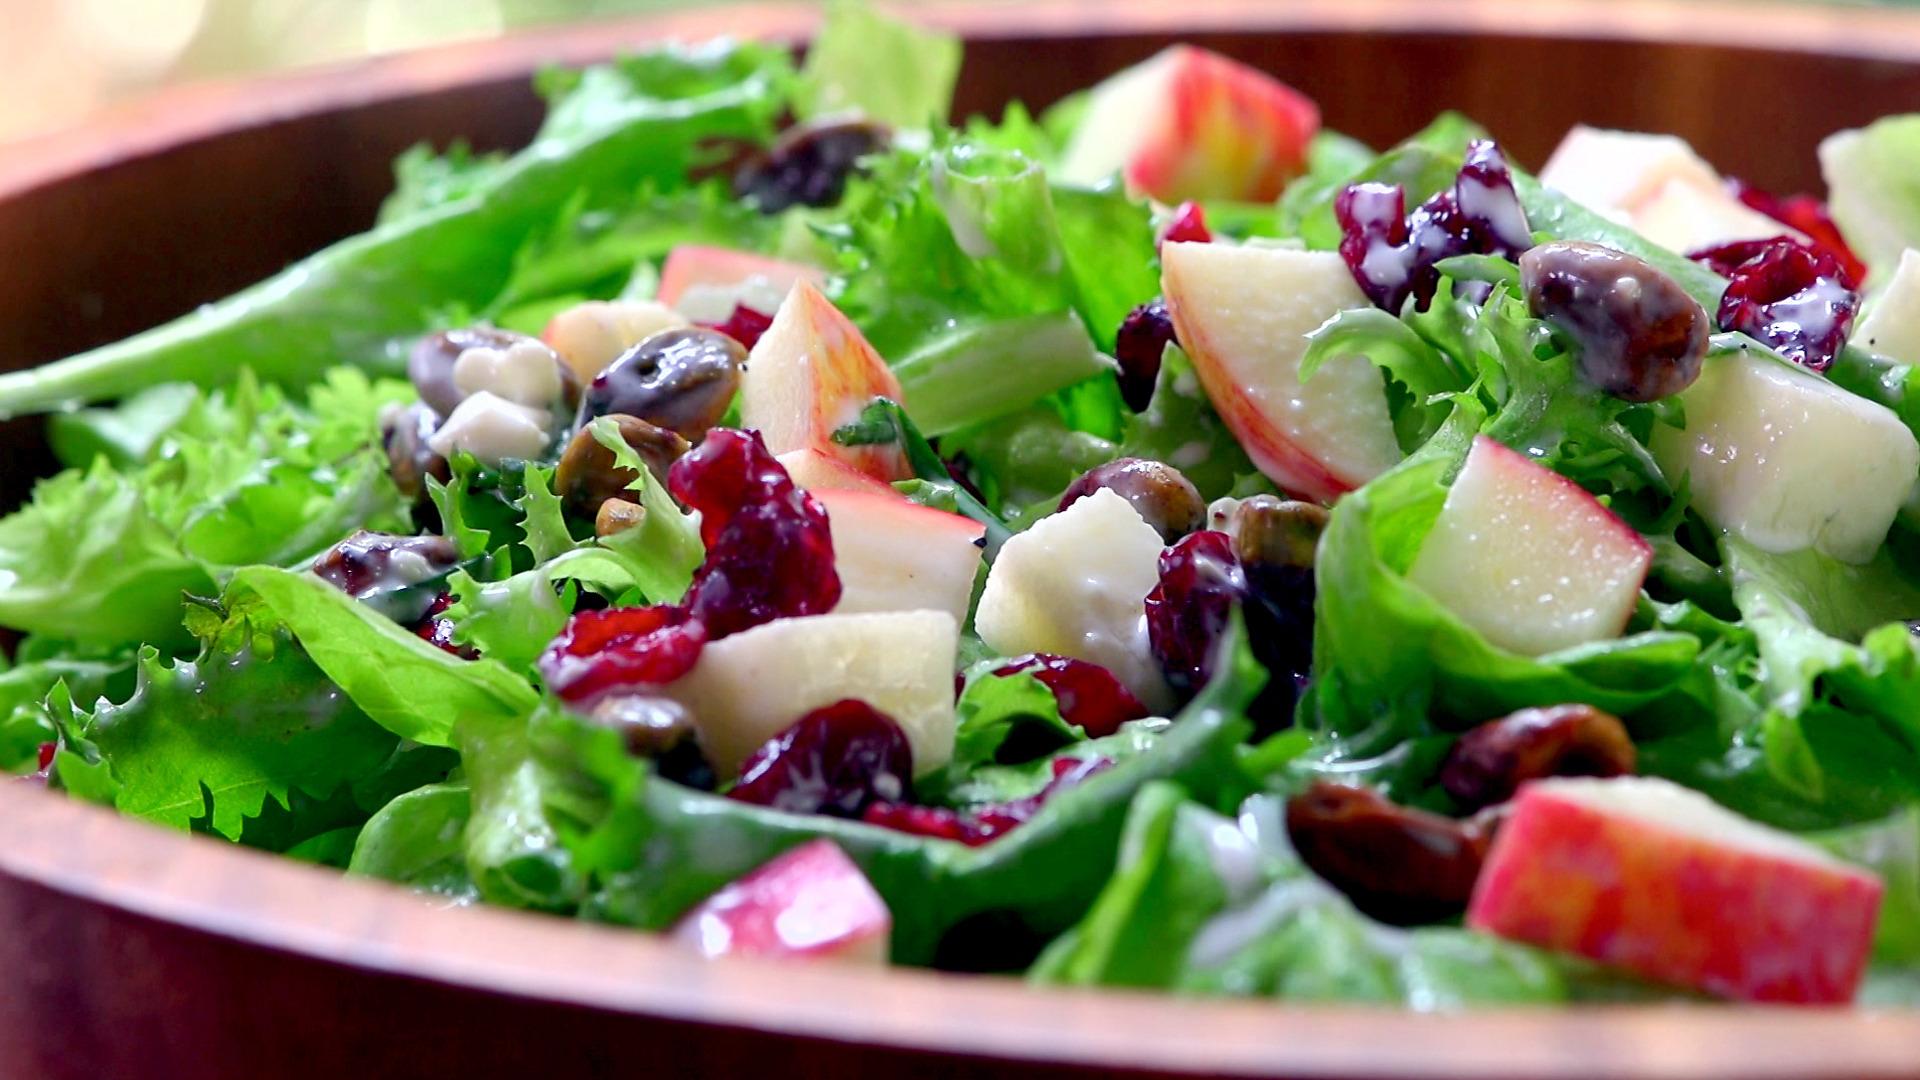 Garden-Fresh Green Leaf Salad | Food Network